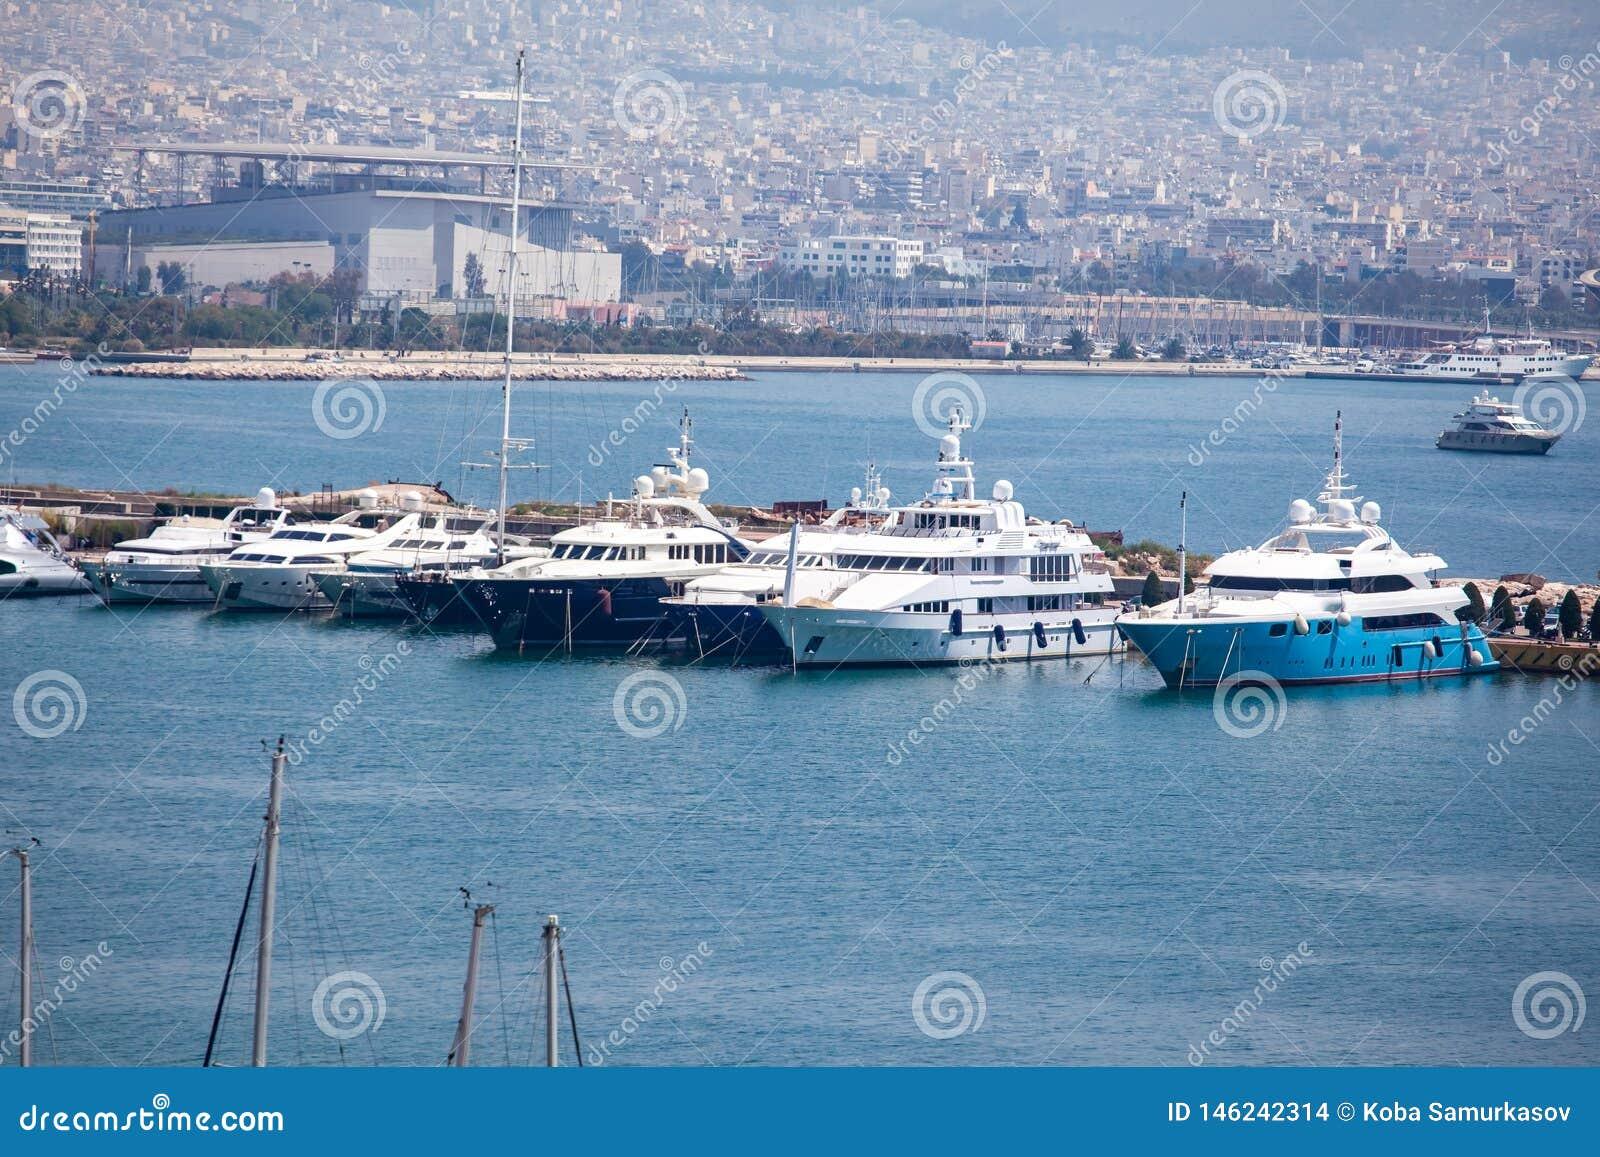 小帆船和游艇靠码头在比雷埃夫斯,希腊港